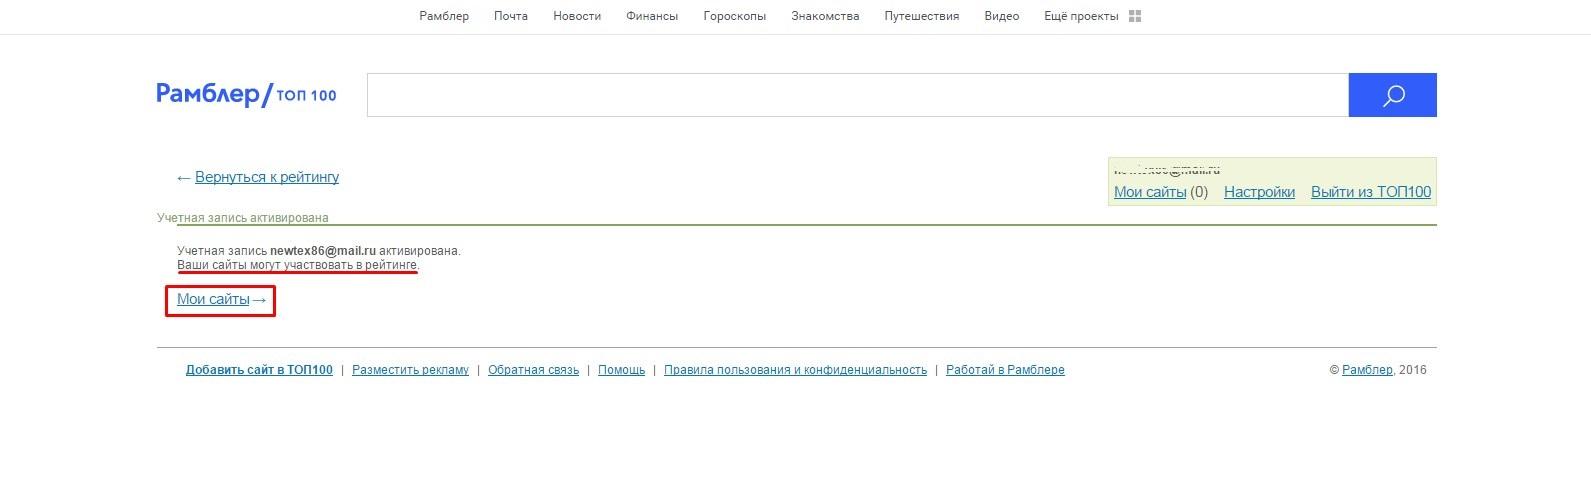 мои сайты